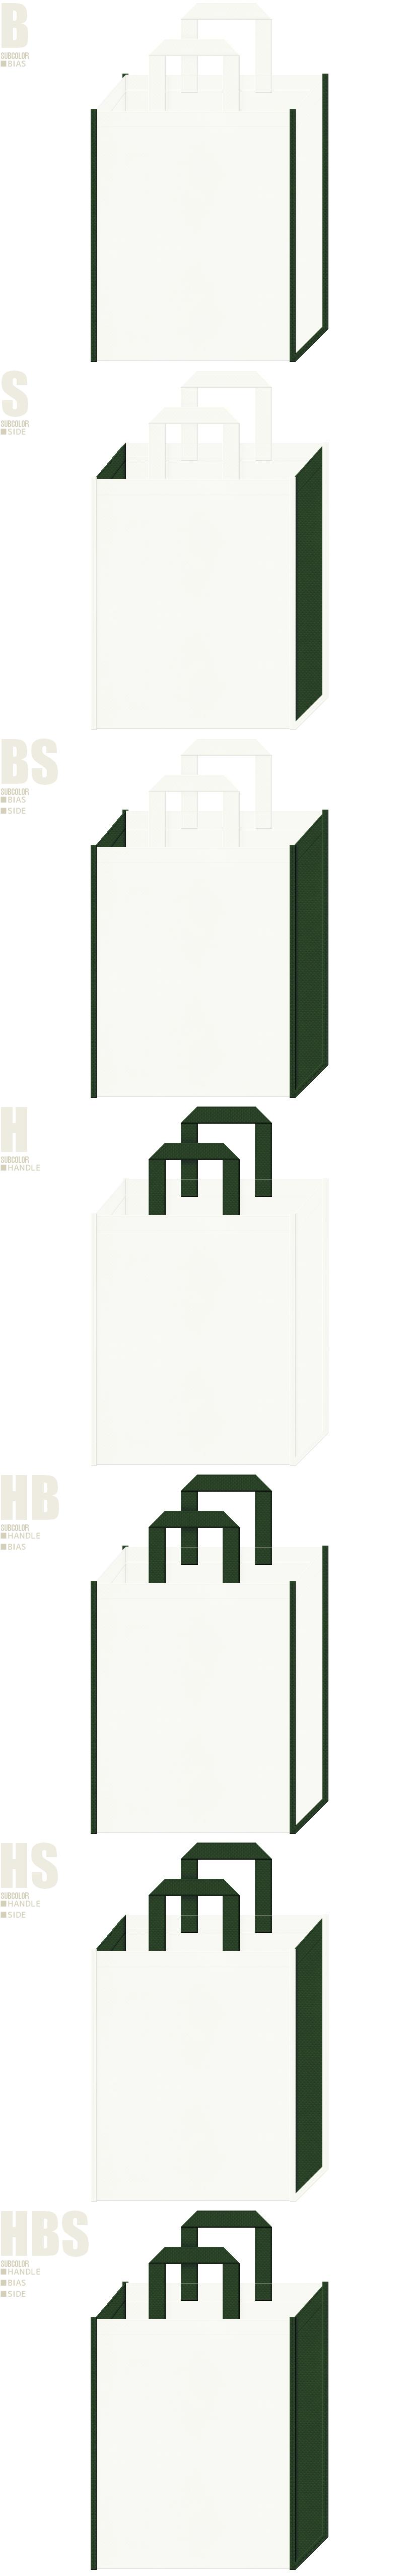 医療器具・医薬品・バイオの展示会用バッグ、学校・オープンキャンパス用のバッグにお奨めです。オフホワイト色と濃緑色の不織布バッグ配色7パターンのデザイン。